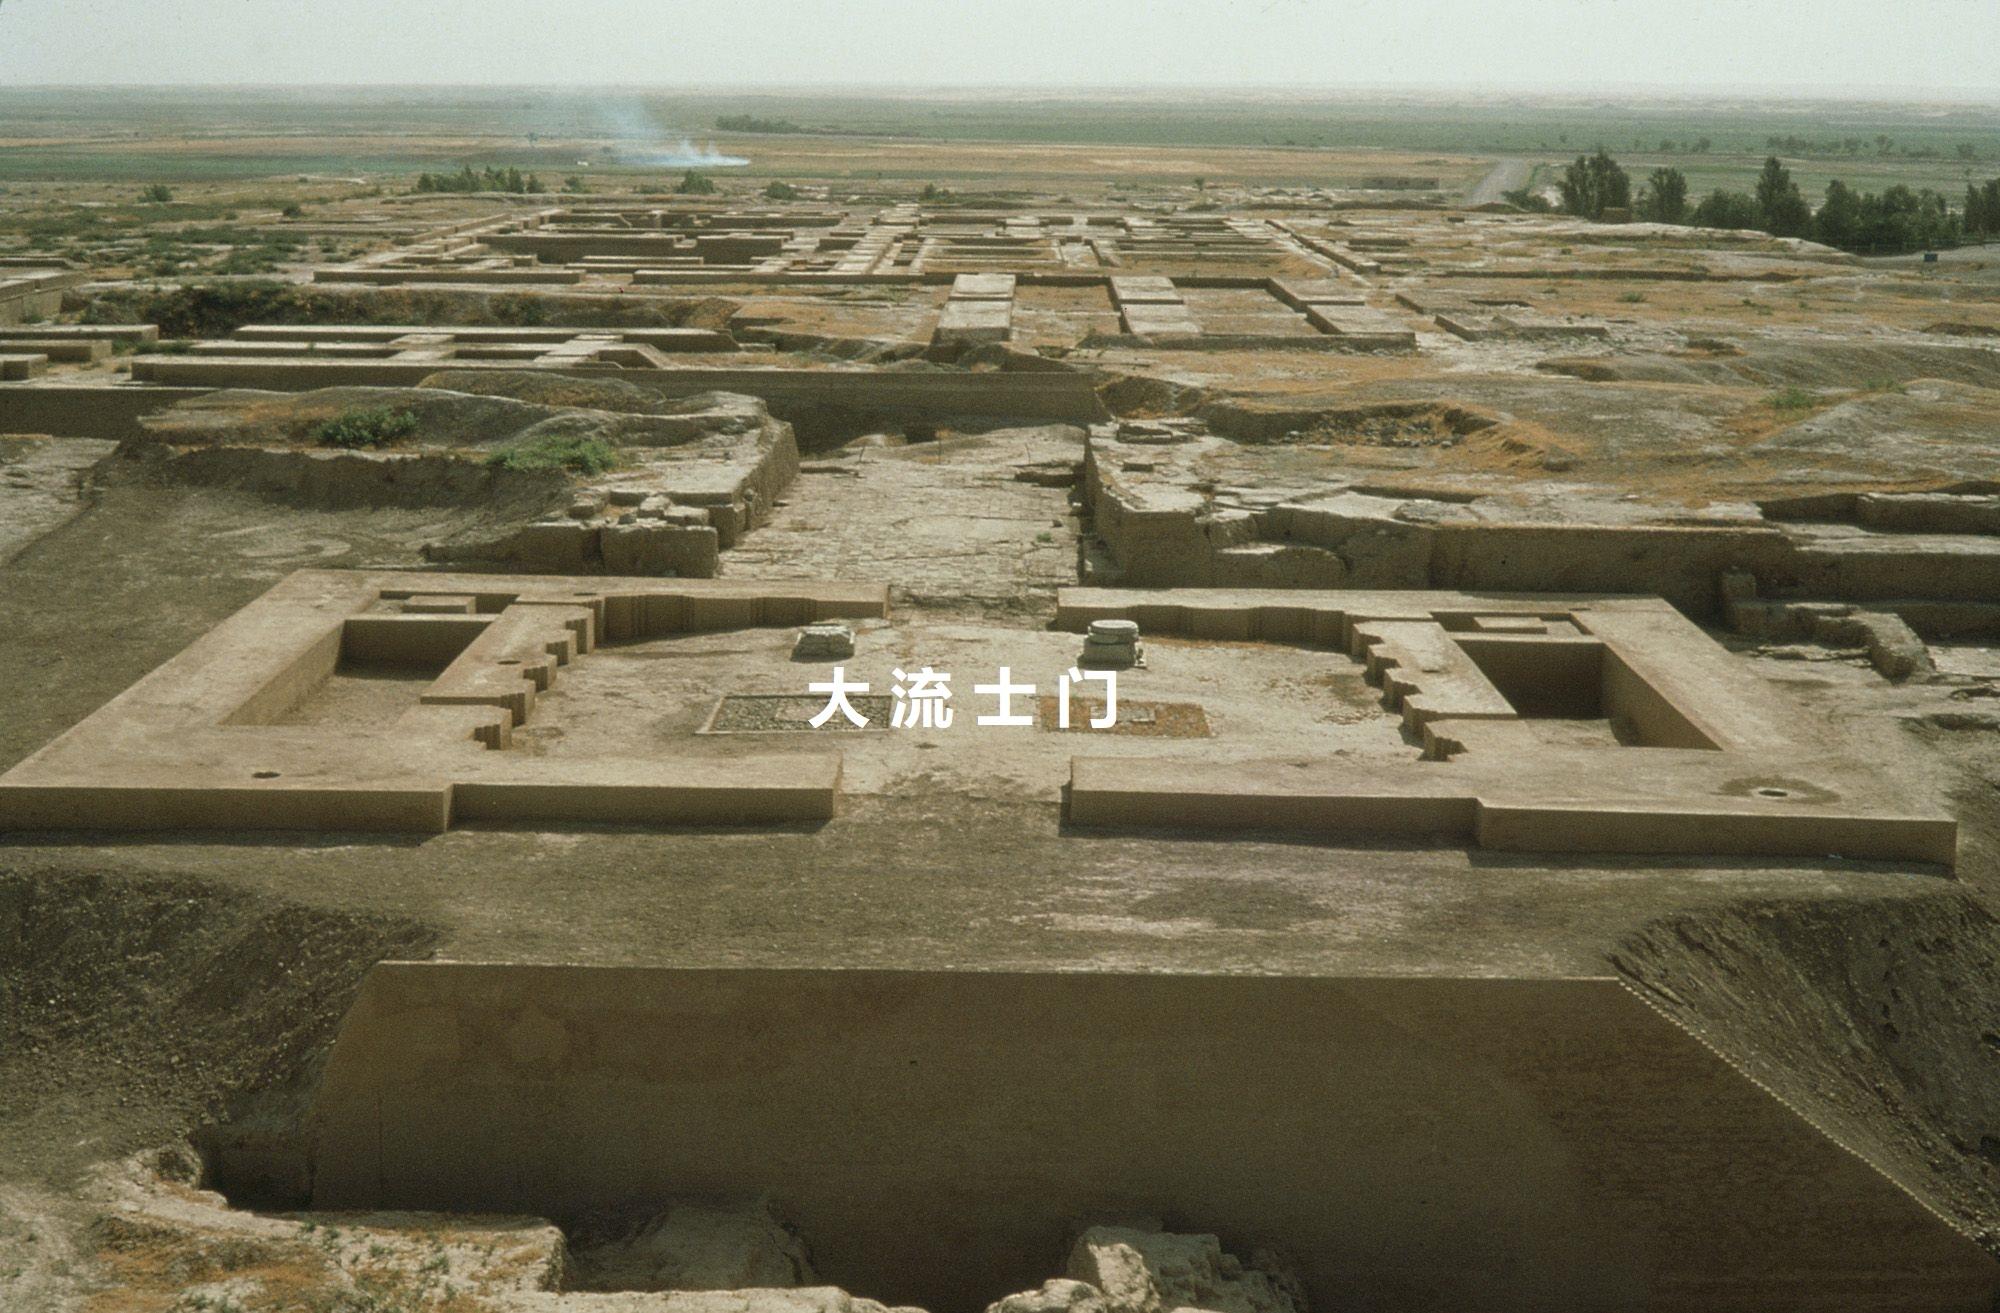 上图:书珊波斯王宫东面的大流士门遗址,可能就是末底改所任职的朝门(斯二19;三2;四2;五9;六10)。这是一个1120平方米的泥砖建筑,位于大厅(apadana)的东侧。可能是由大流士一世提议,亚哈随鲁建造的。